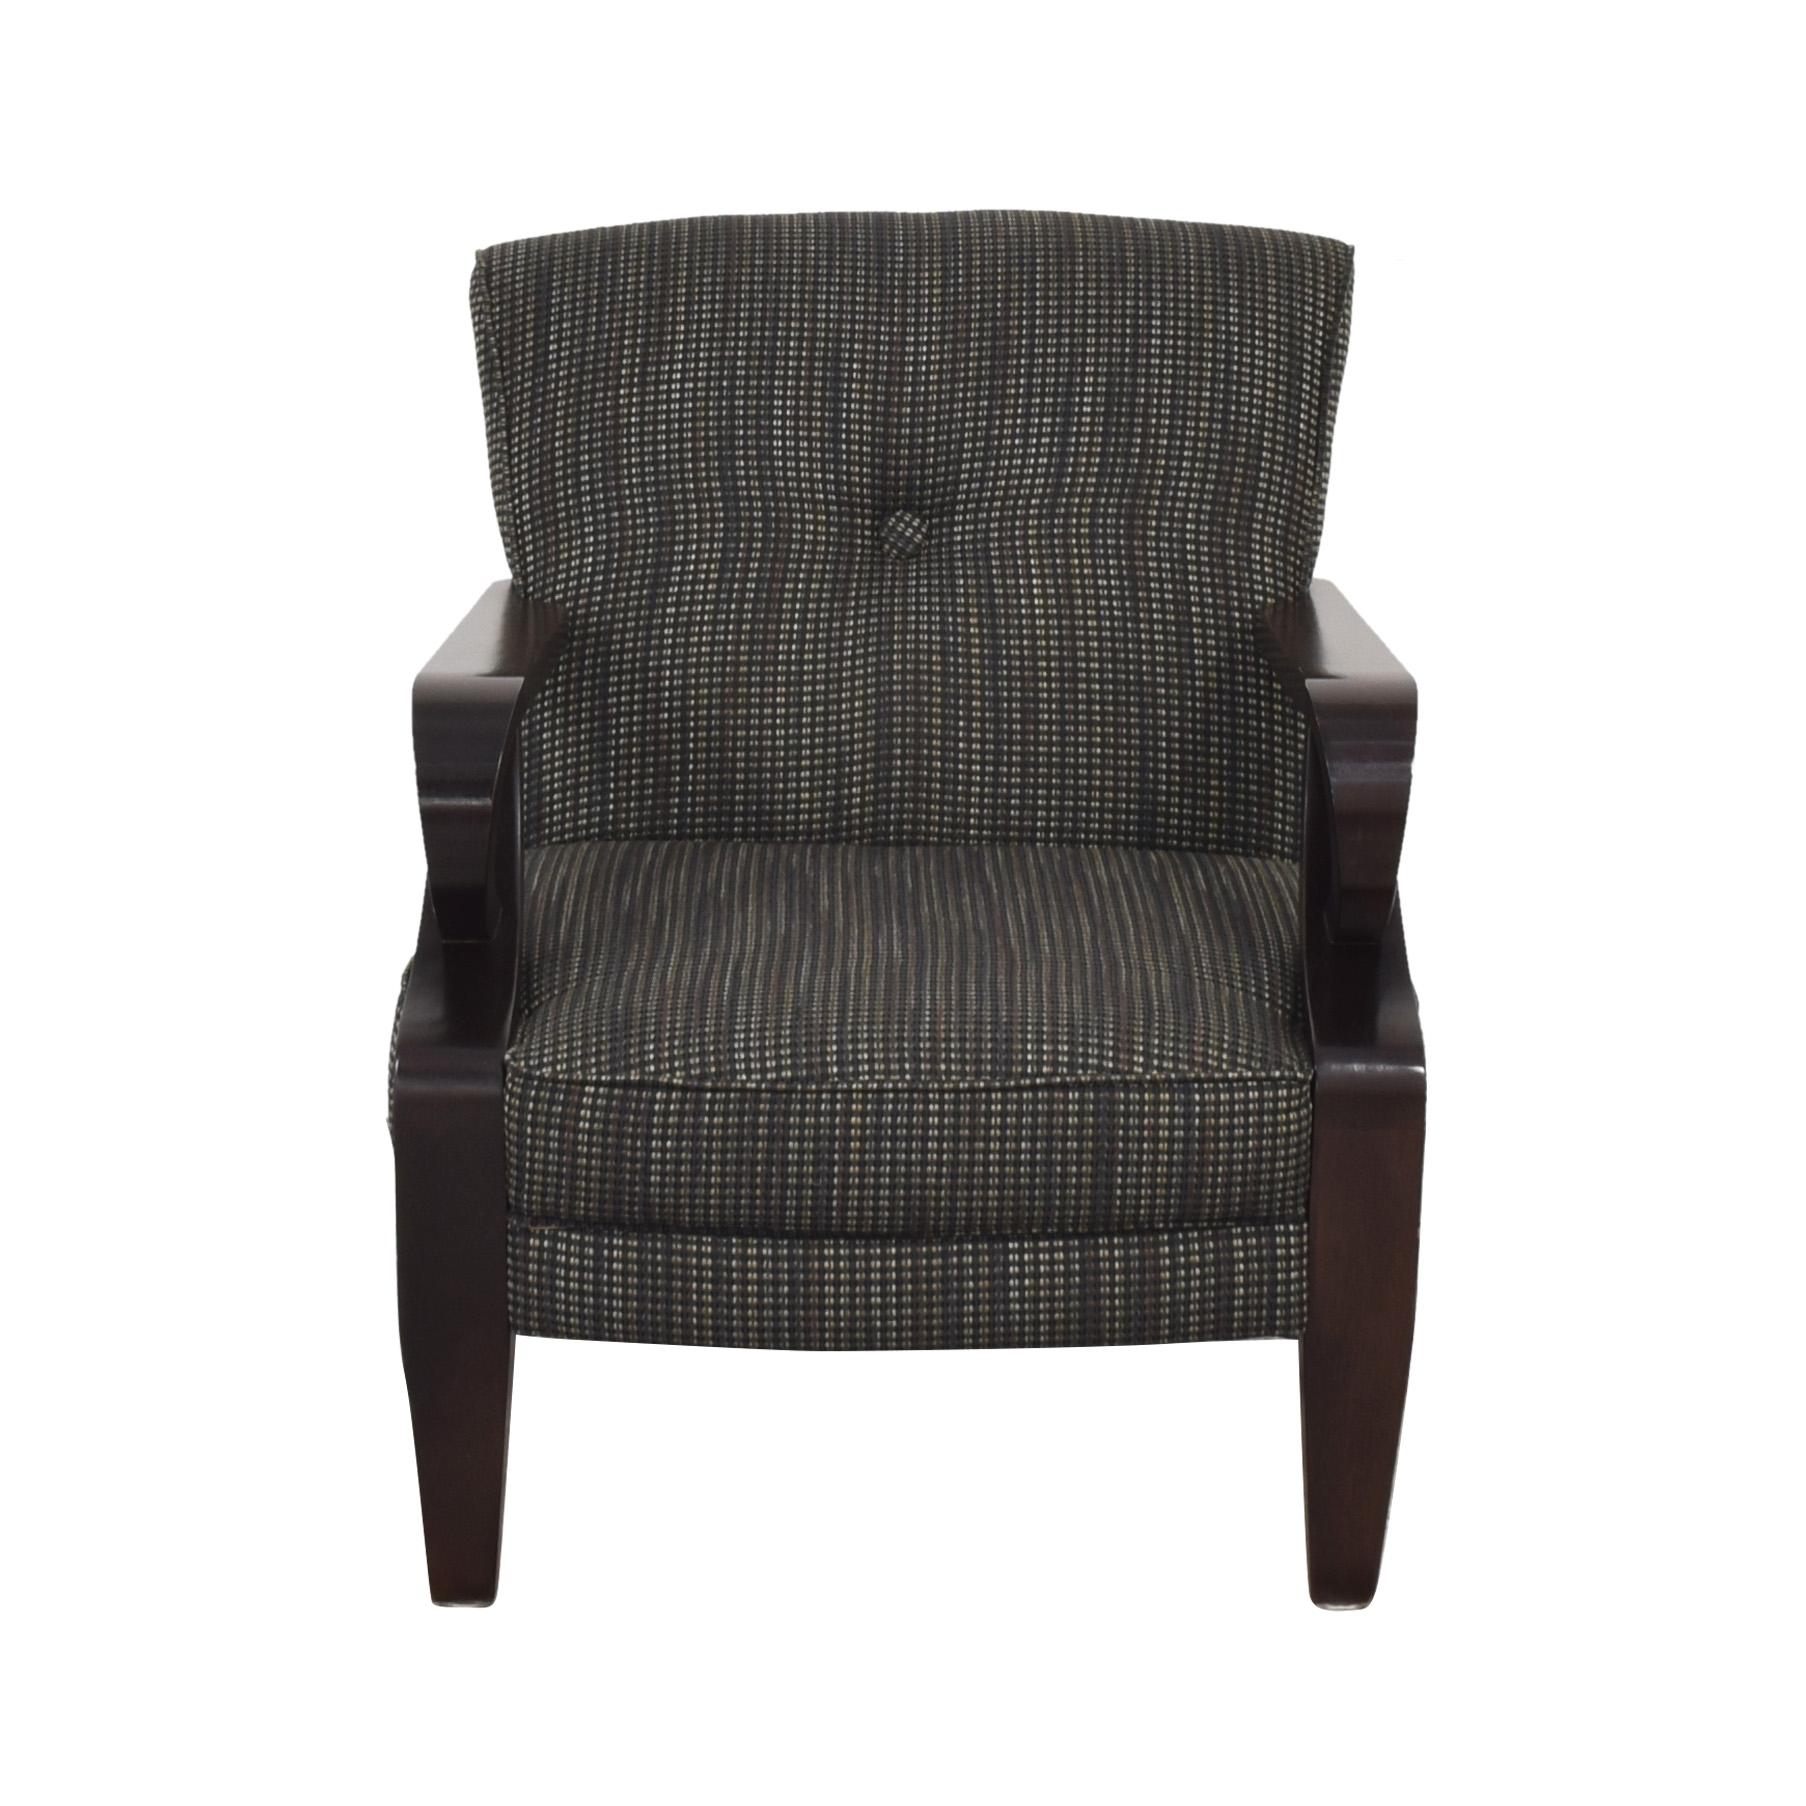 Bassett Furniture Enzo Chair / Chairs